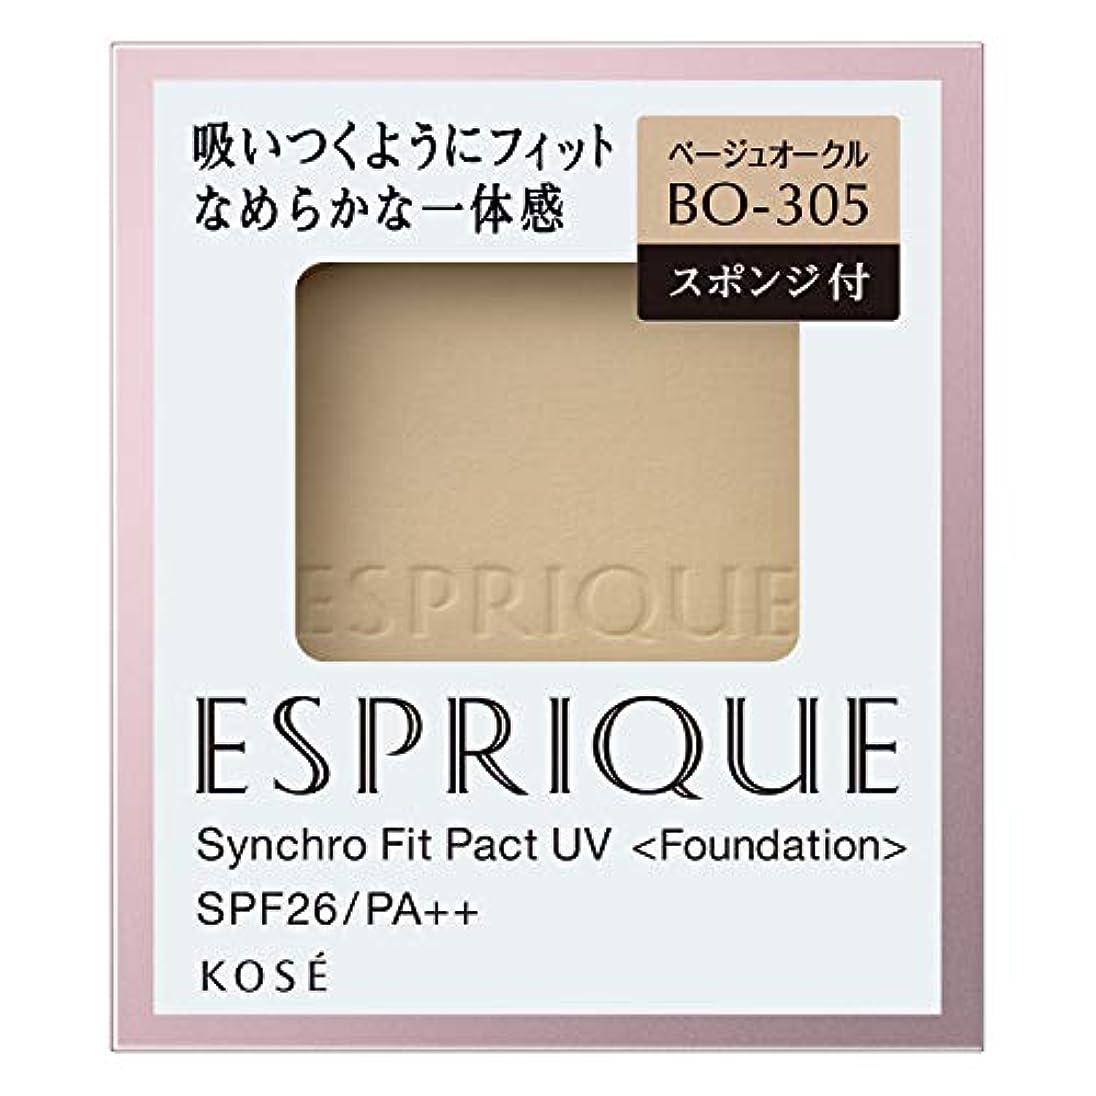 参照するウルル禁じるエスプリーク シンクロフィット パクト UV BO-305 ベージュオークル 9.3g